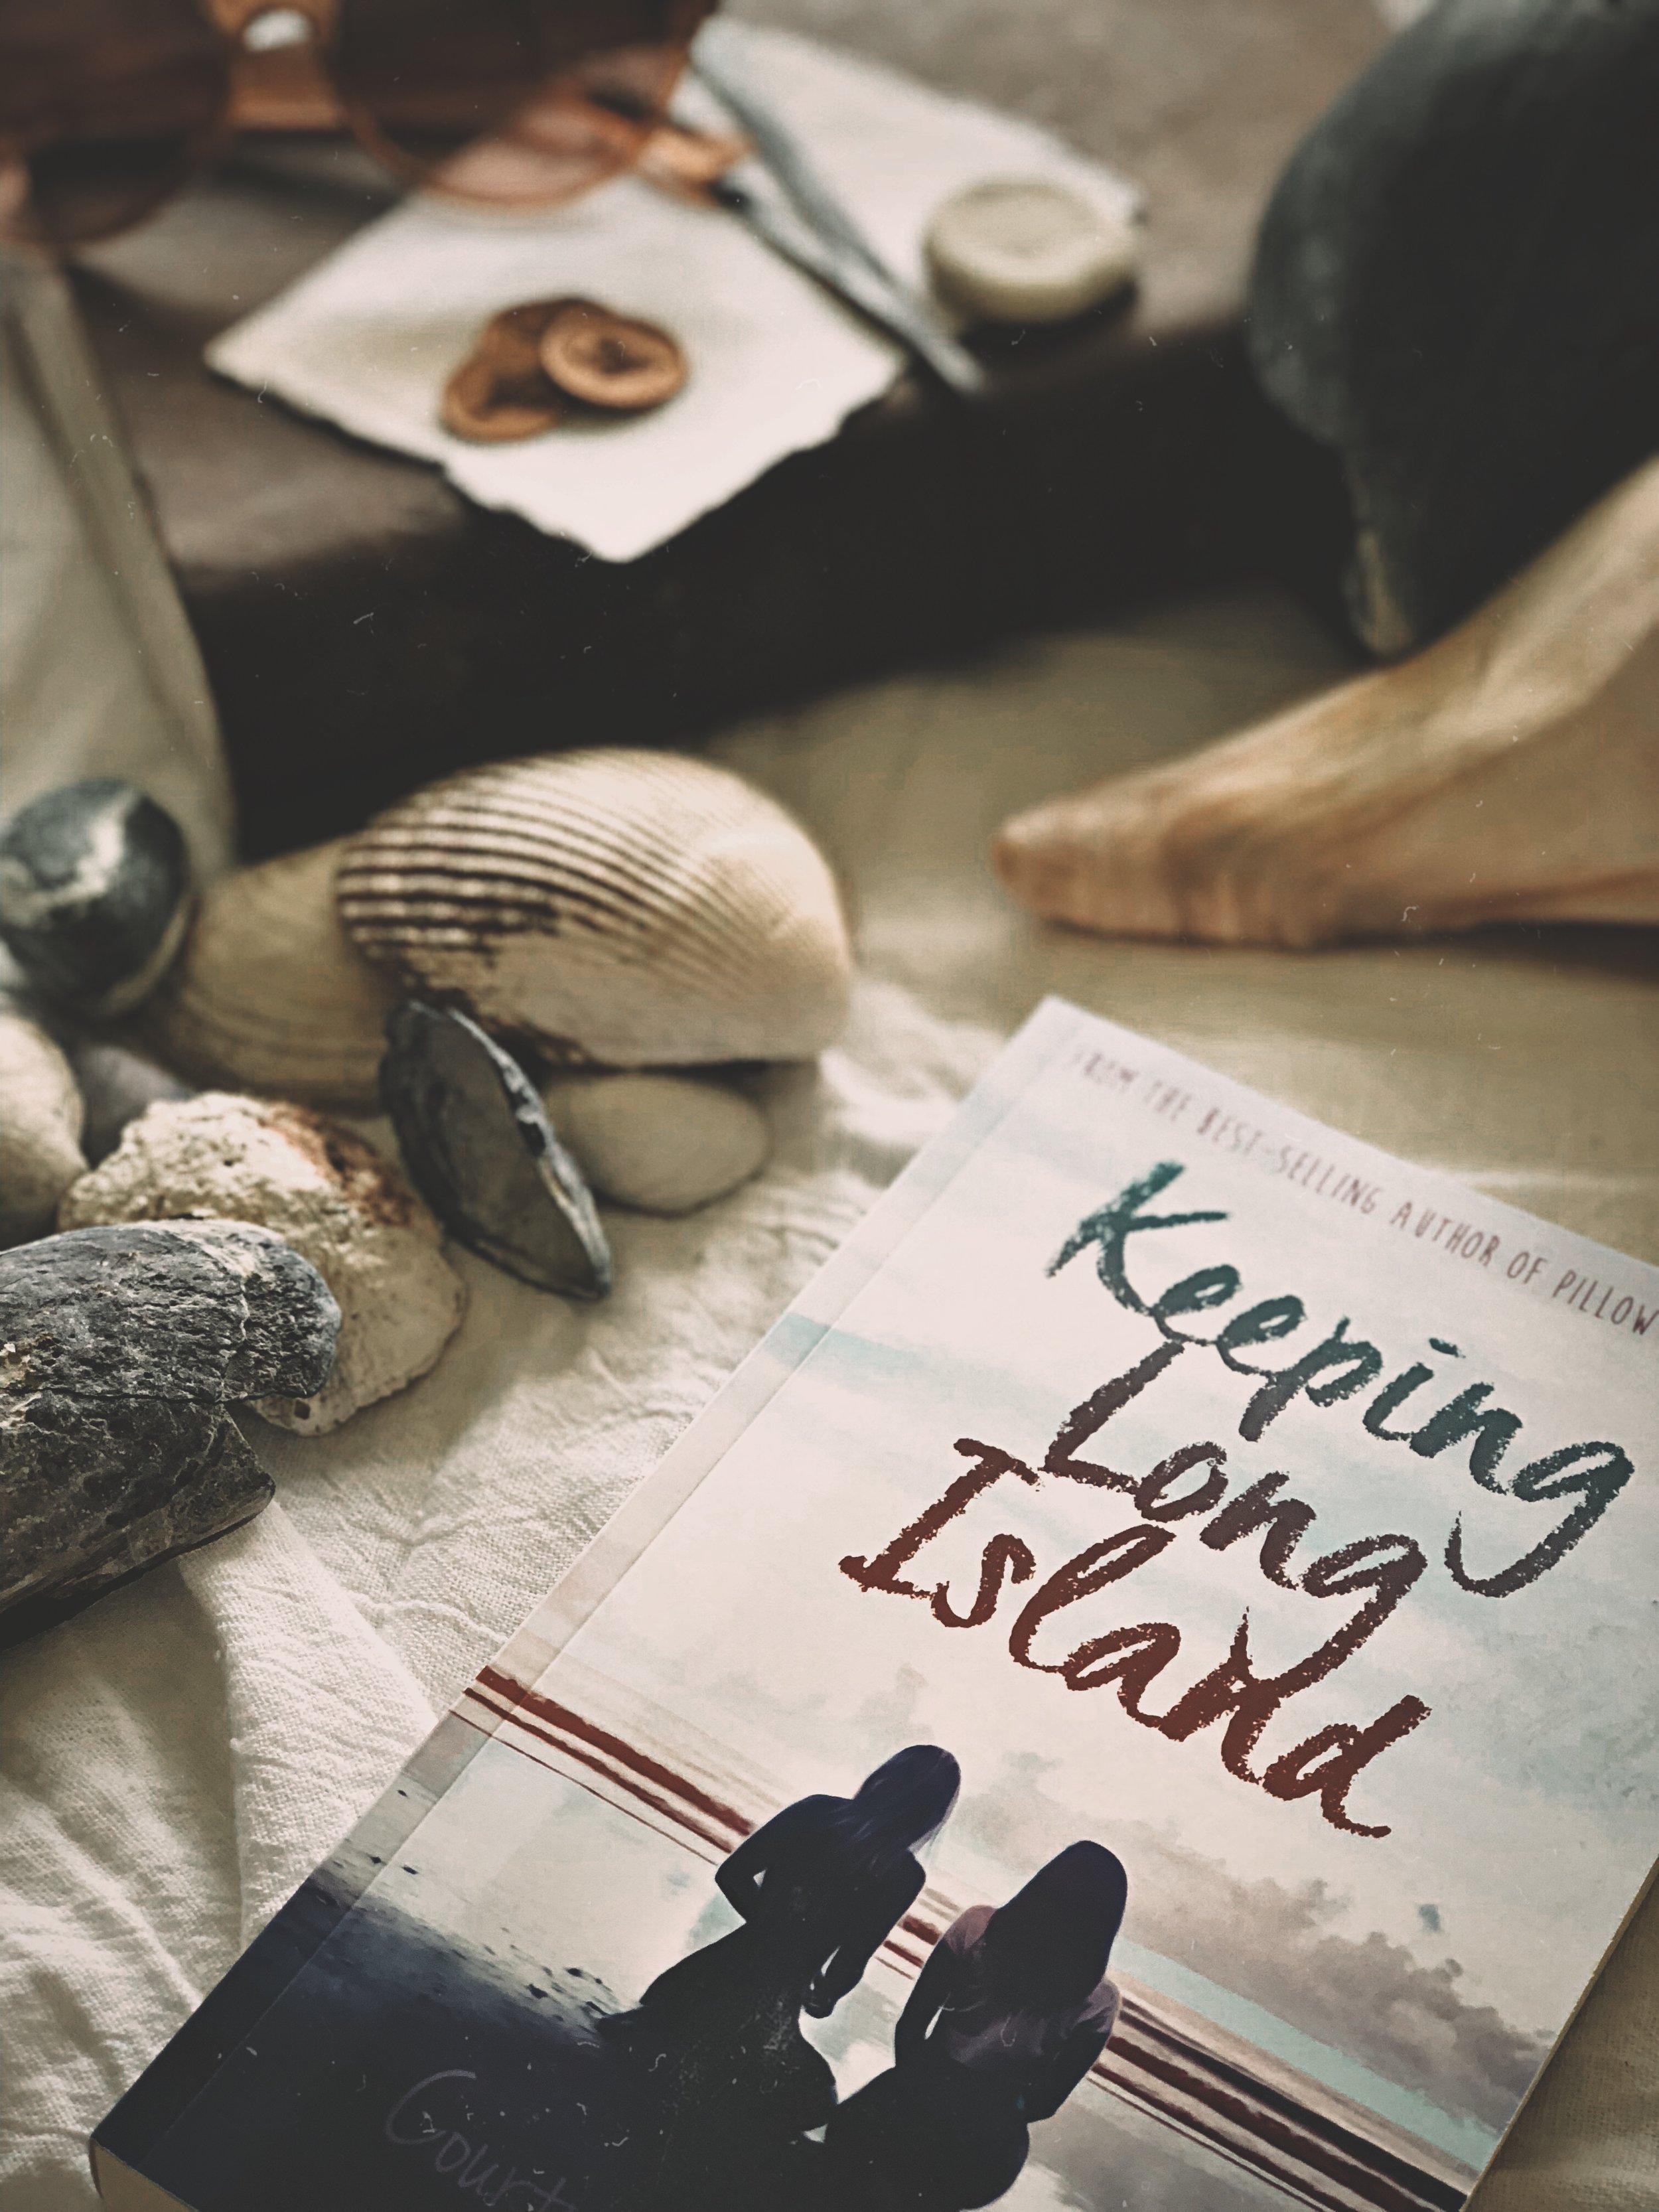 KEEPING LONG ISLAND -